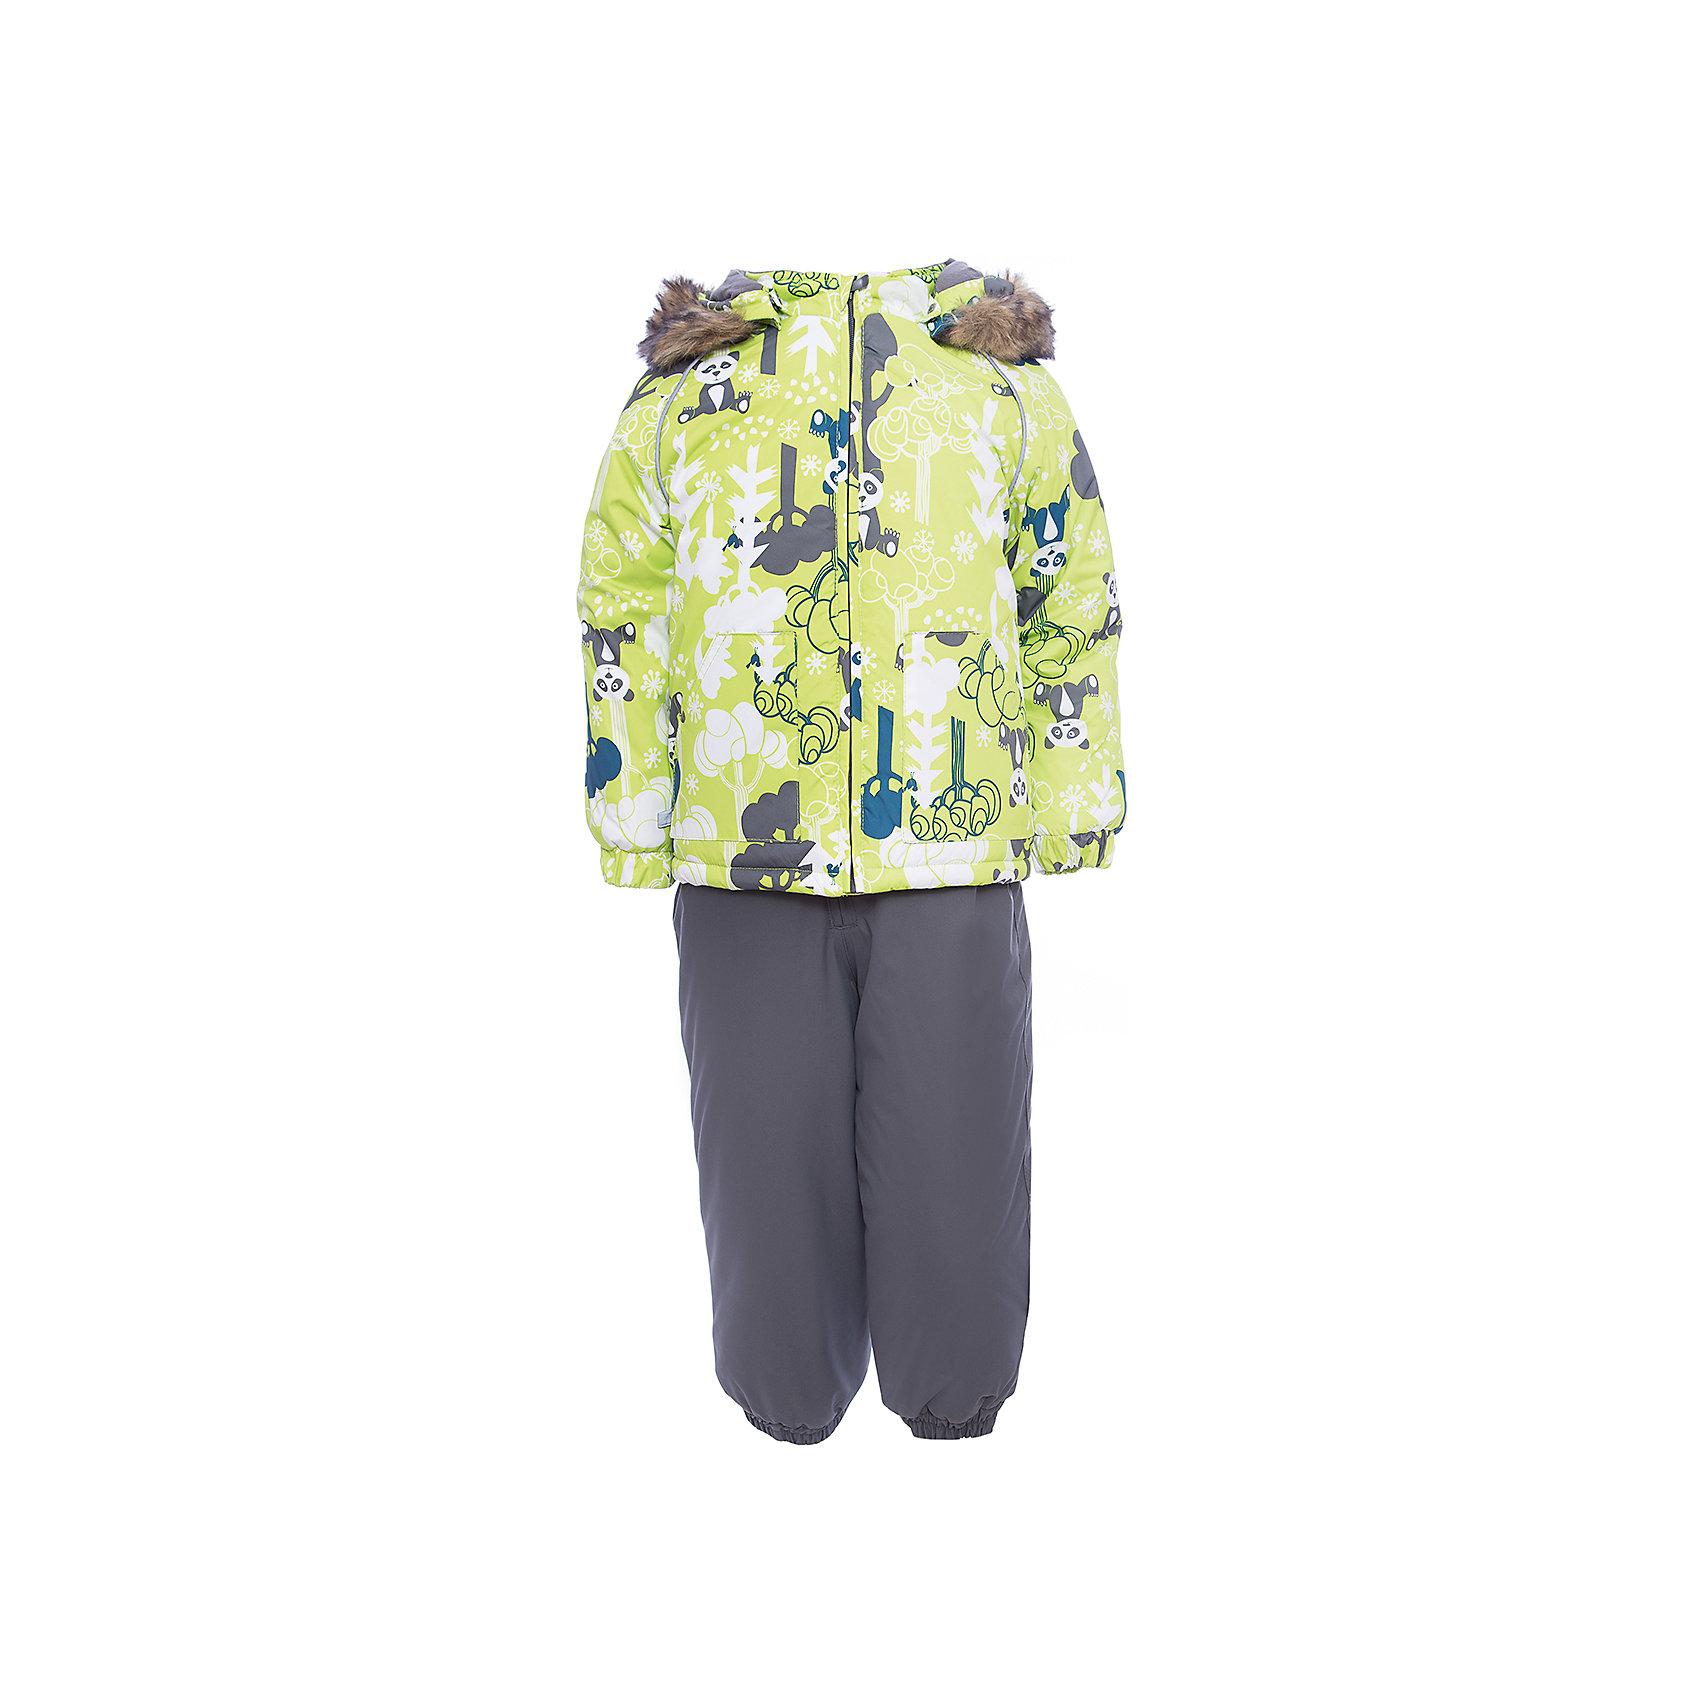 Комплект: куртка и брюки AVERY HuppaКомплекты<br>Комплект для малышей  AVERY.Водо и воздухонепроницаемость 5 000 куртка / 10 000 брюки. Утеплитель 300 гр куртка/160 гр брюки. Подкладка фланель 100% хлопок.Отстегивающийся капюшон с мехом.Манжеты рукавов на резинке. Манжеты брюк на резинке.Добавлены петли для ступней.Резиновые подтяжки.Имеются светоотражательные элементы.<br>Состав:<br>100% Полиэстер<br><br>Ширина мм: 356<br>Глубина мм: 10<br>Высота мм: 245<br>Вес г: 519<br>Цвет: зеленый<br>Возраст от месяцев: 36<br>Возраст до месяцев: 48<br>Пол: Унисекс<br>Возраст: Детский<br>Размер: 104,80,86,92,98<br>SKU: 7027024